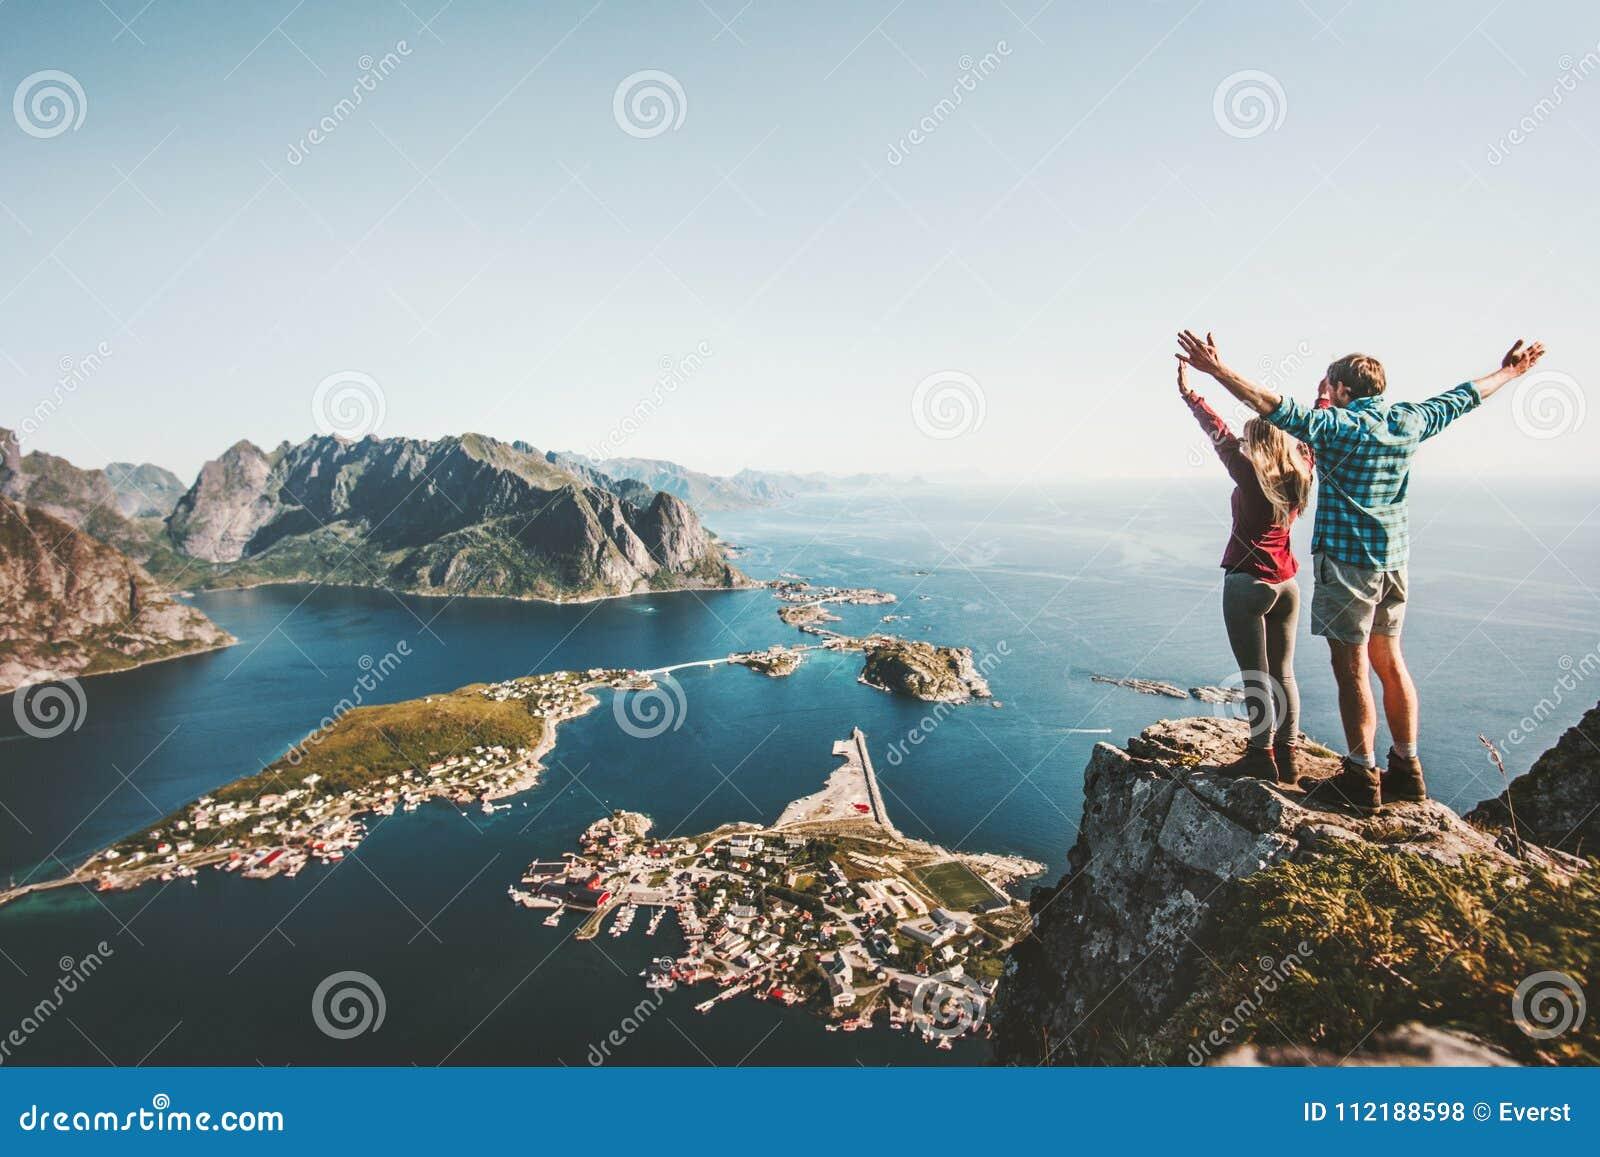 Счастливые пары любят и путешествуют поднятые руки на скале